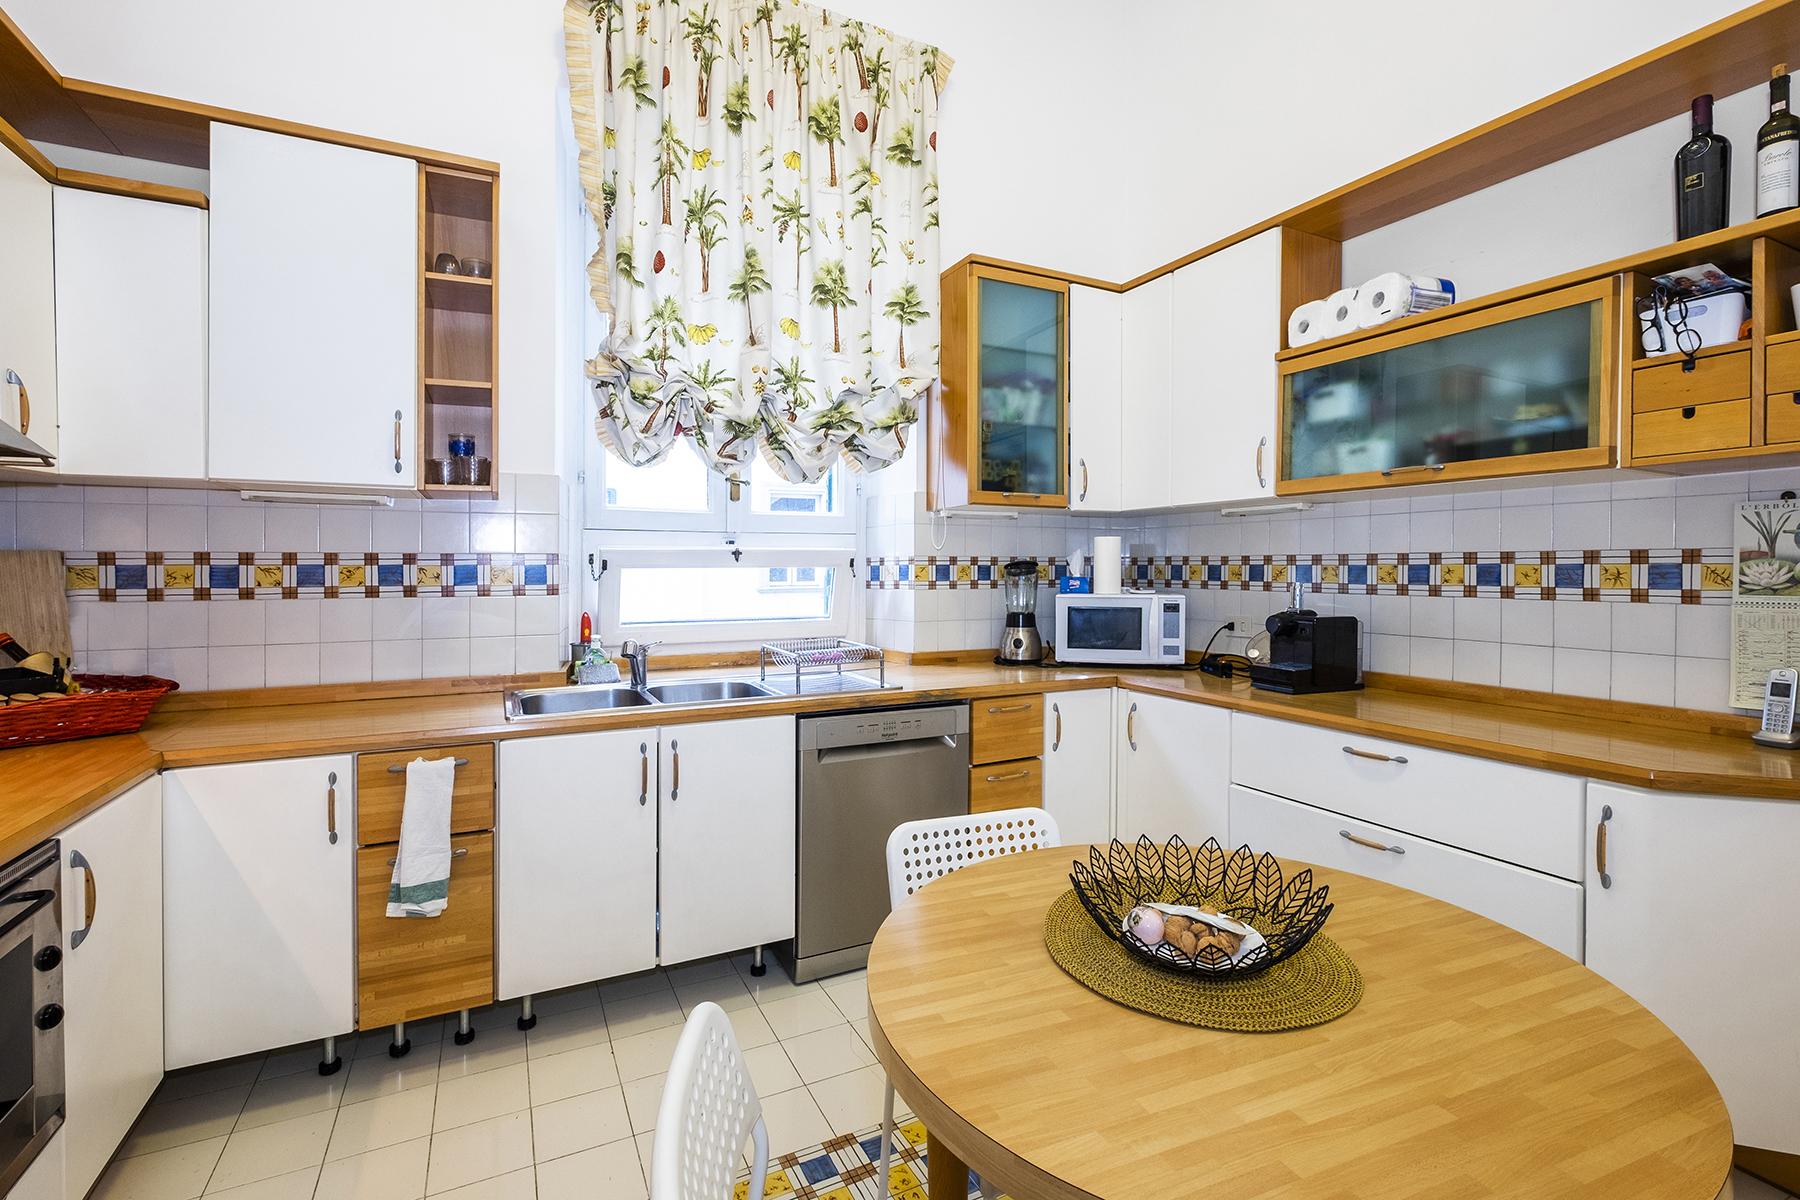 Appartamento di lusso in affitto a roma via viale gorizia for Affitto studio eur